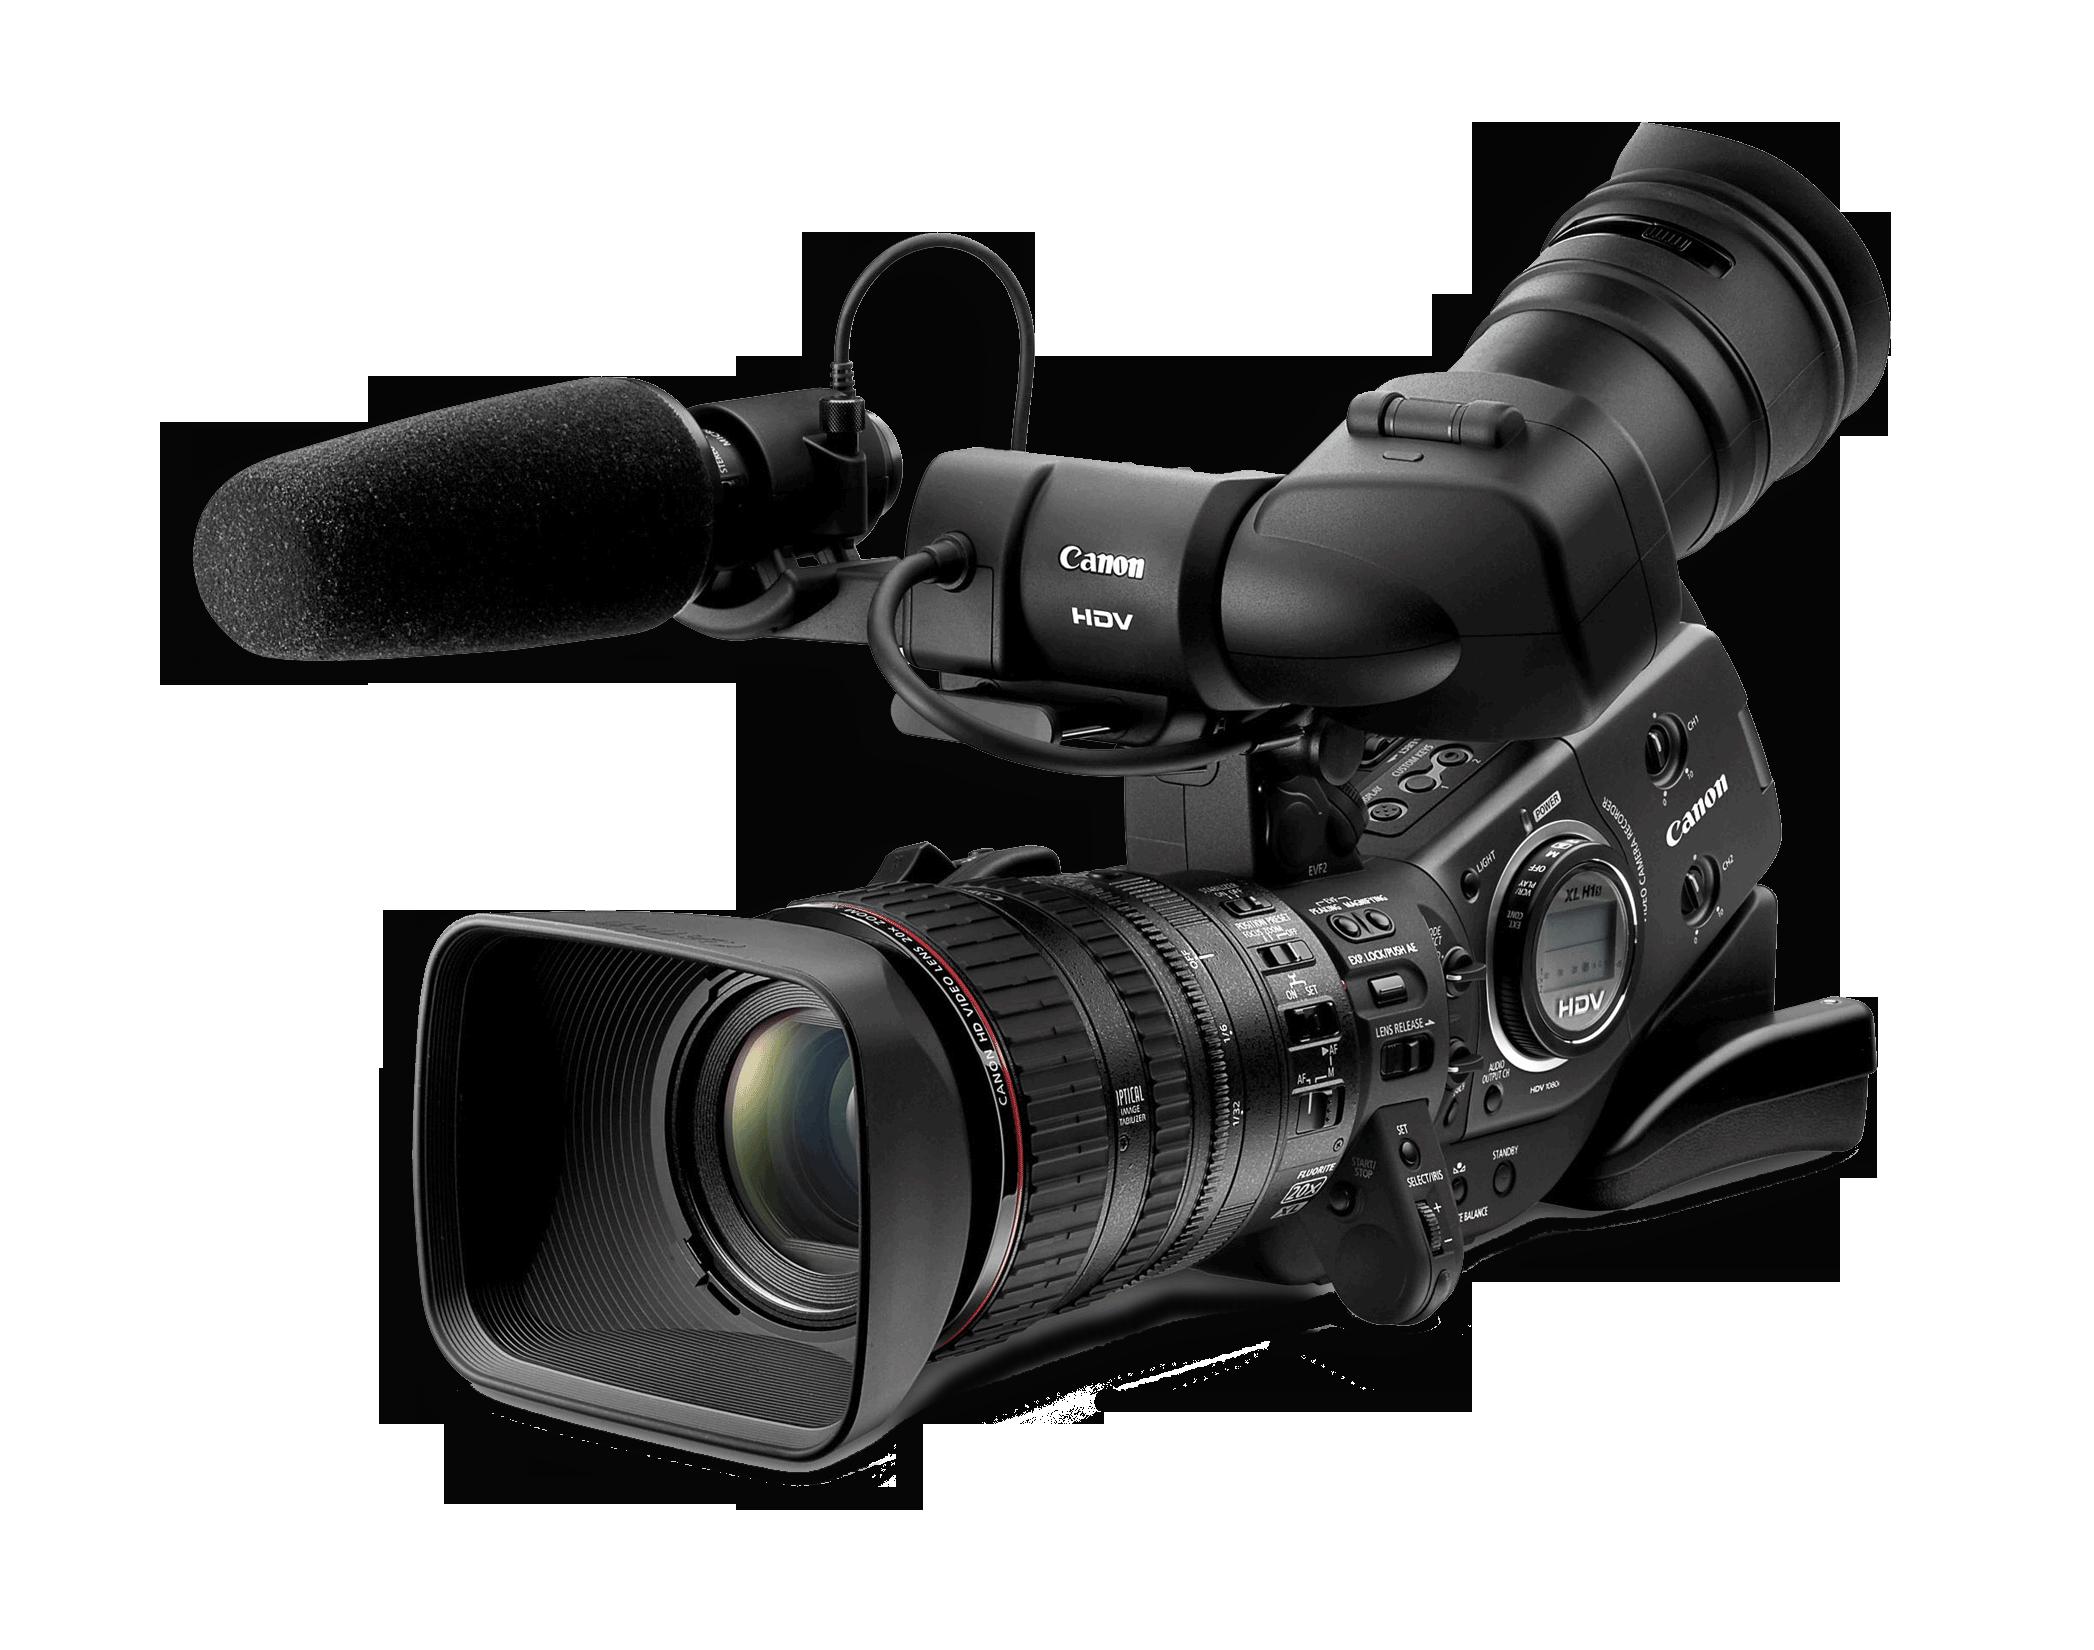 Png movie camera transparent movie camera png images for Camera camera camera